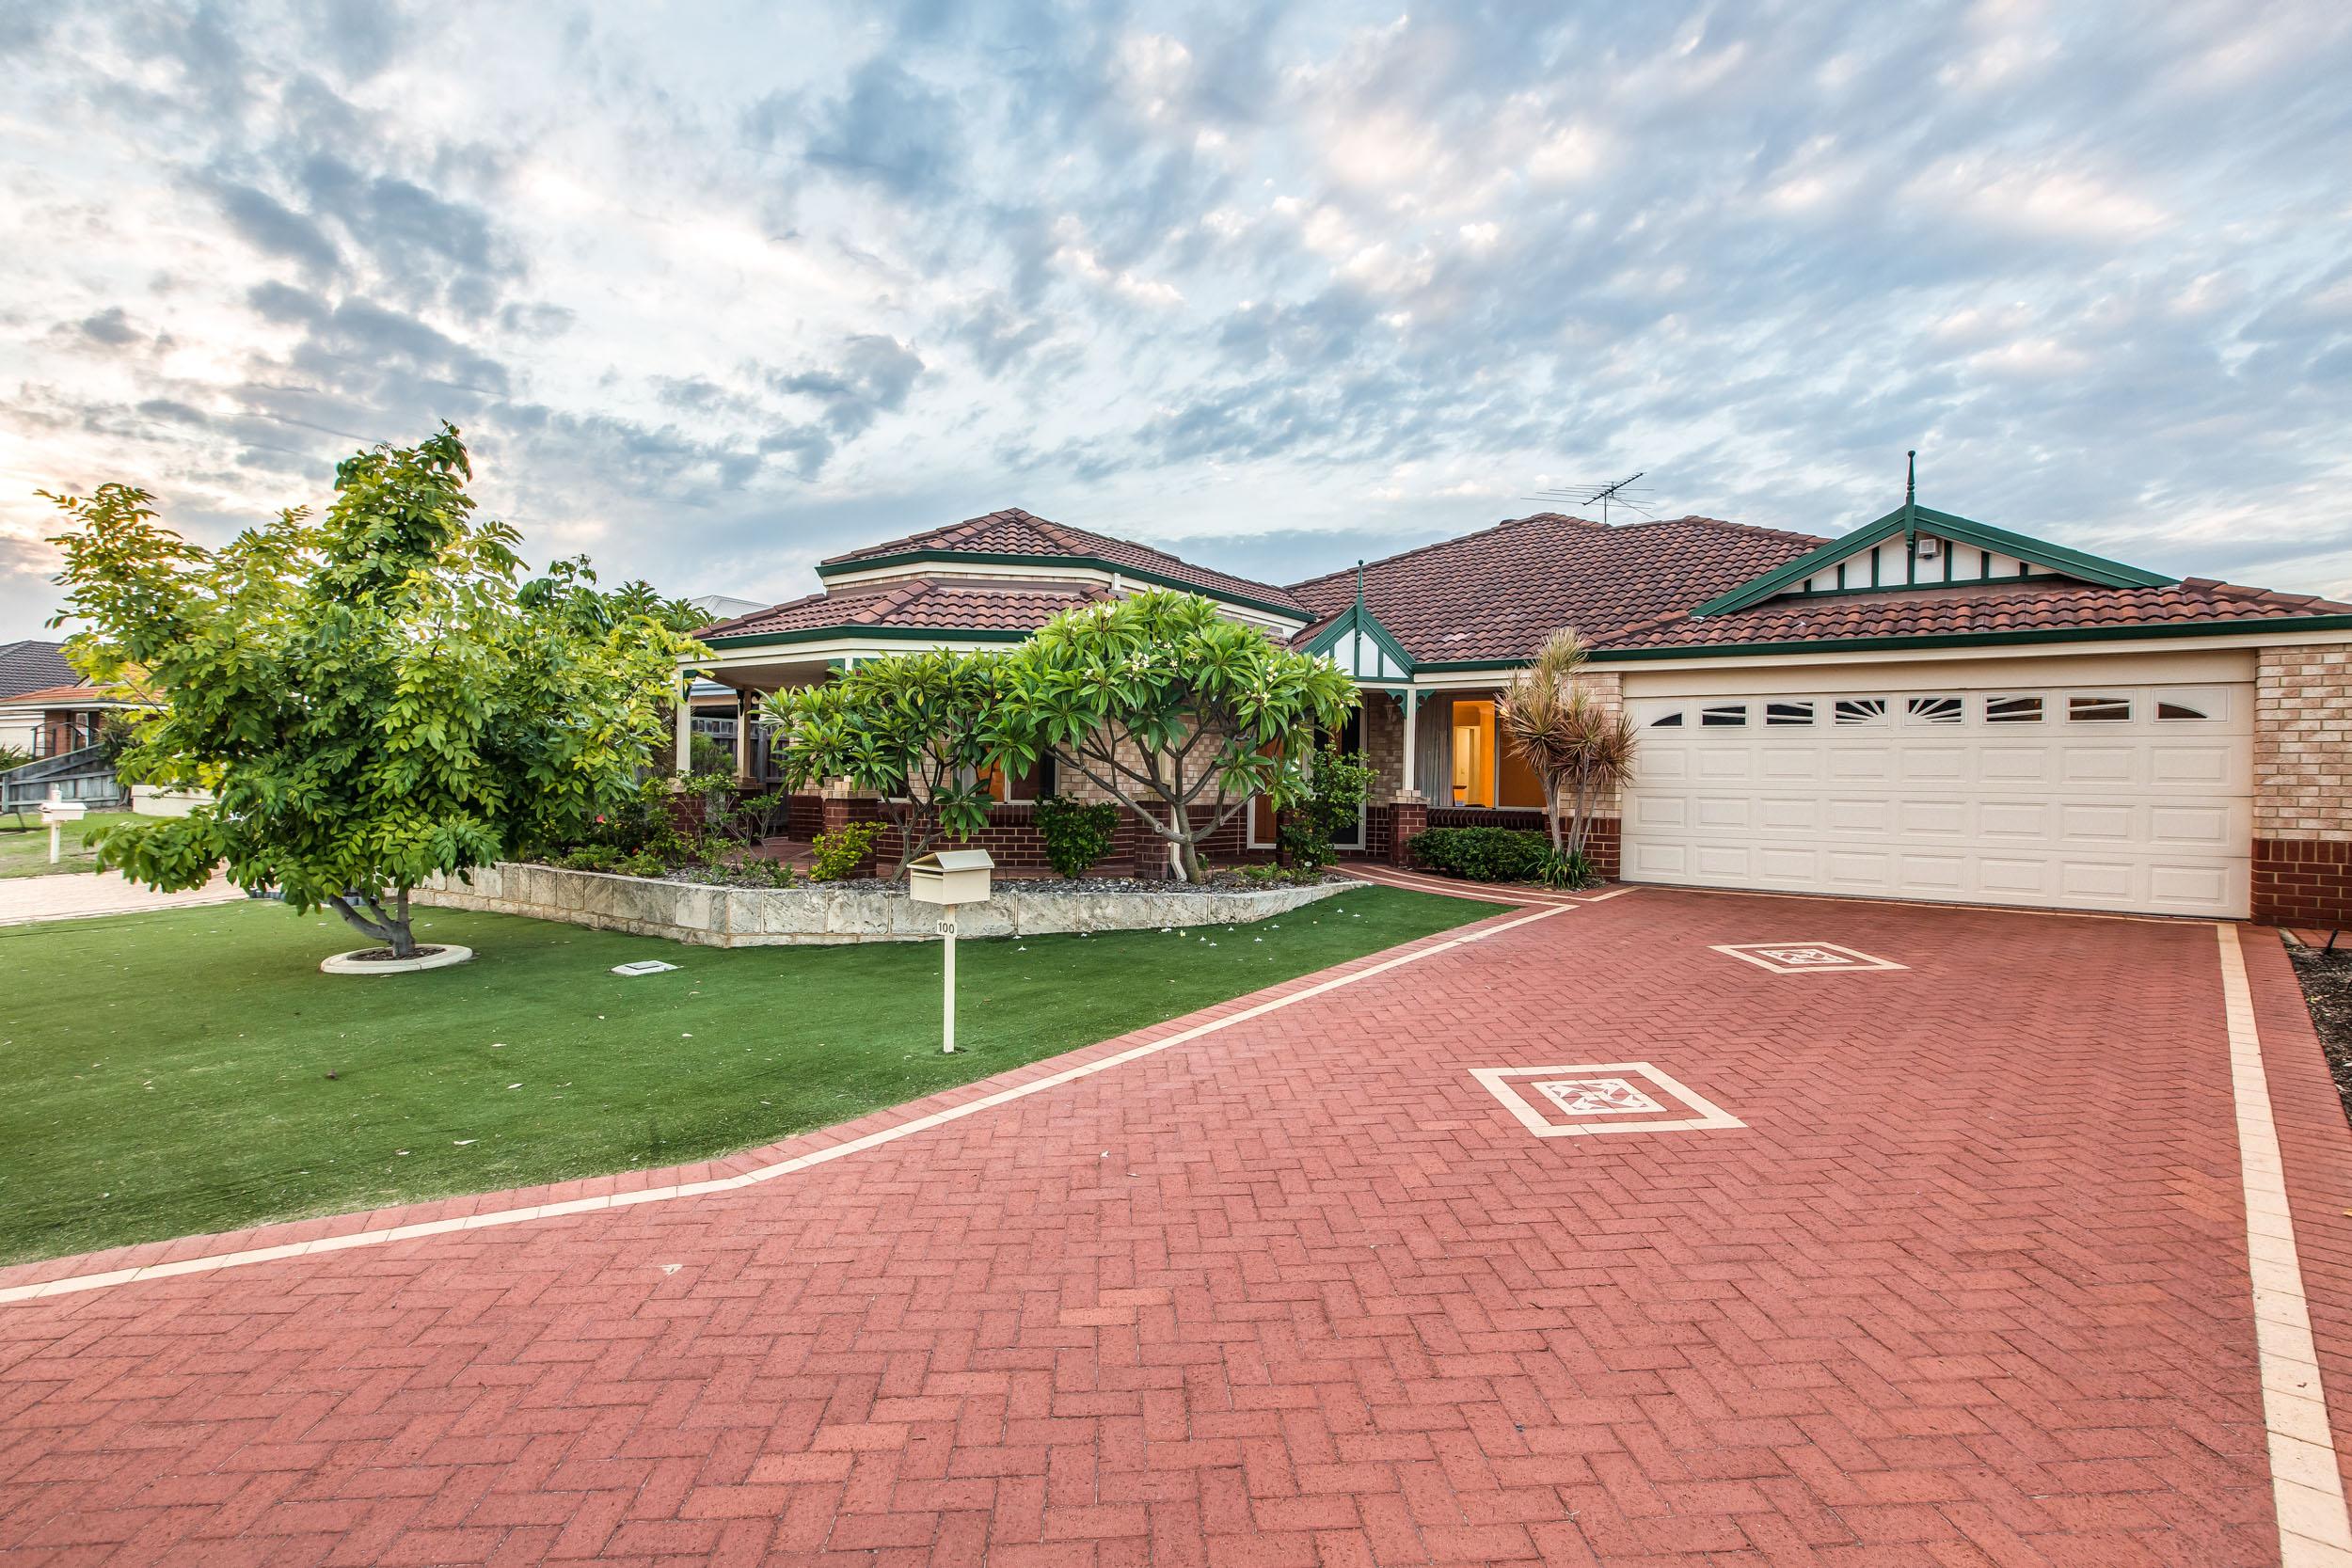 100 Warradale Terrace $585,000